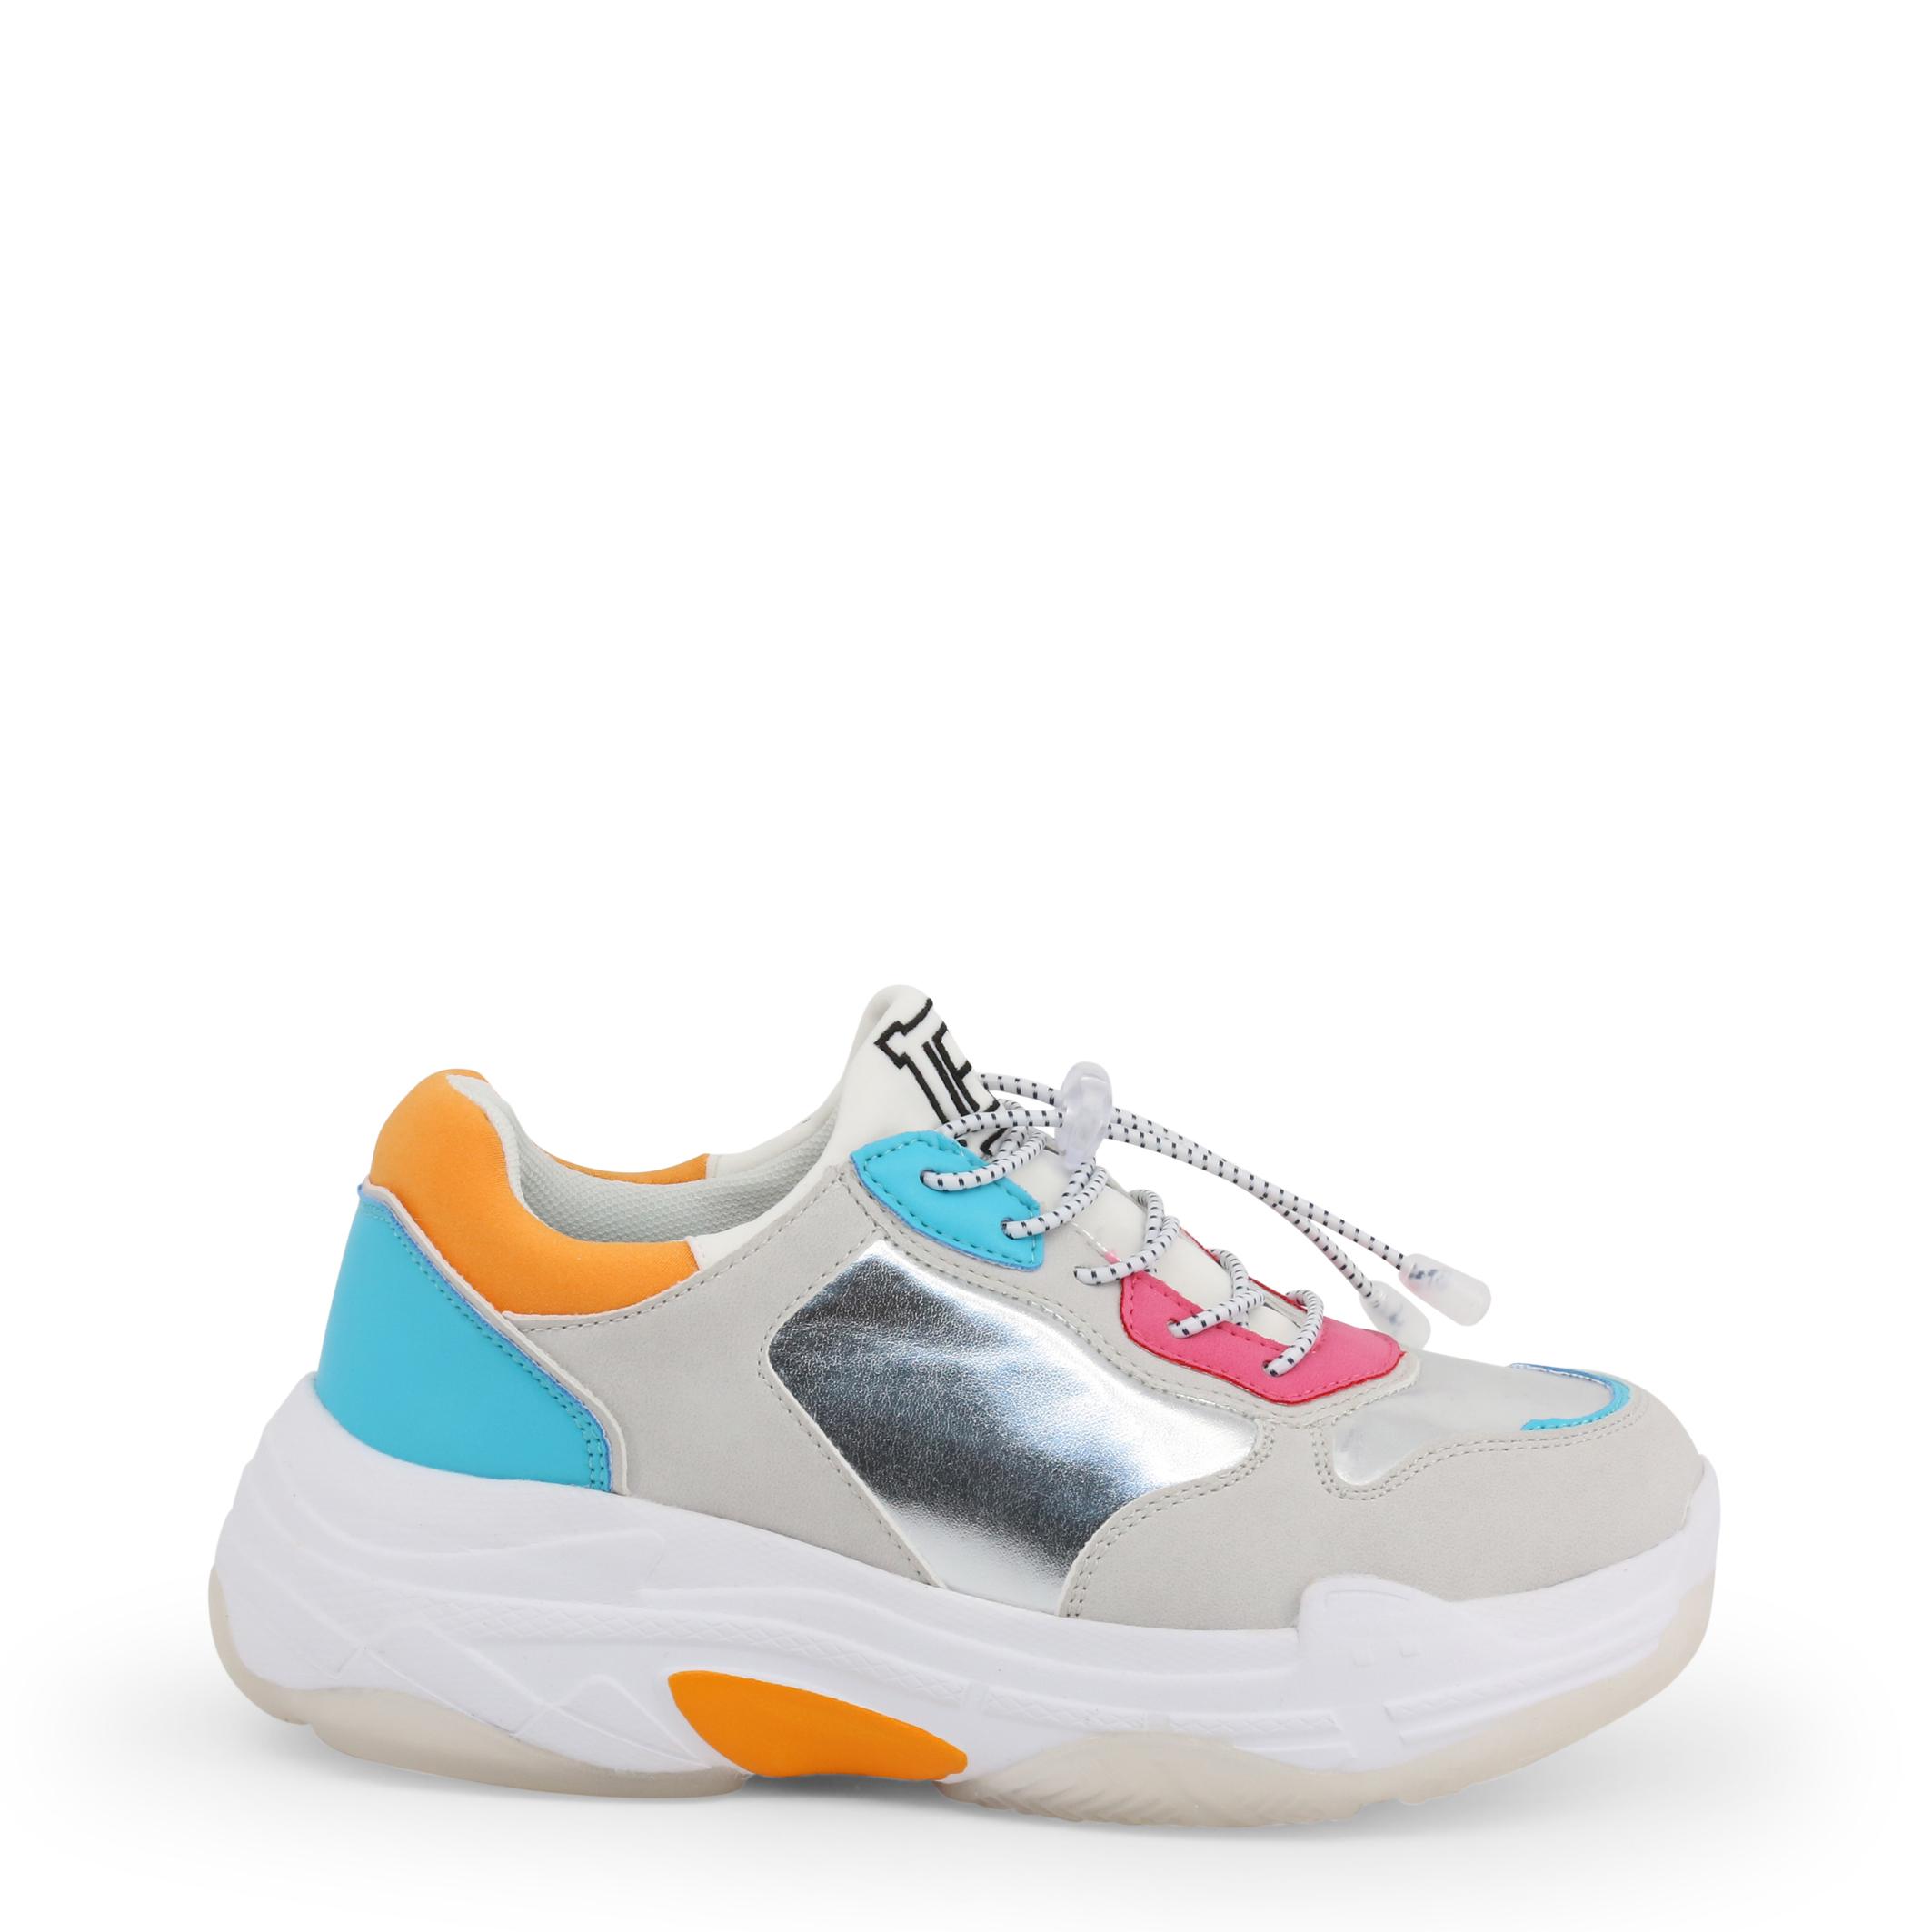 Acheter Pas Cher Sneakers Donna Laura Biagiotti 5713-19 Donna Grigio 102413 Originale Nuovo